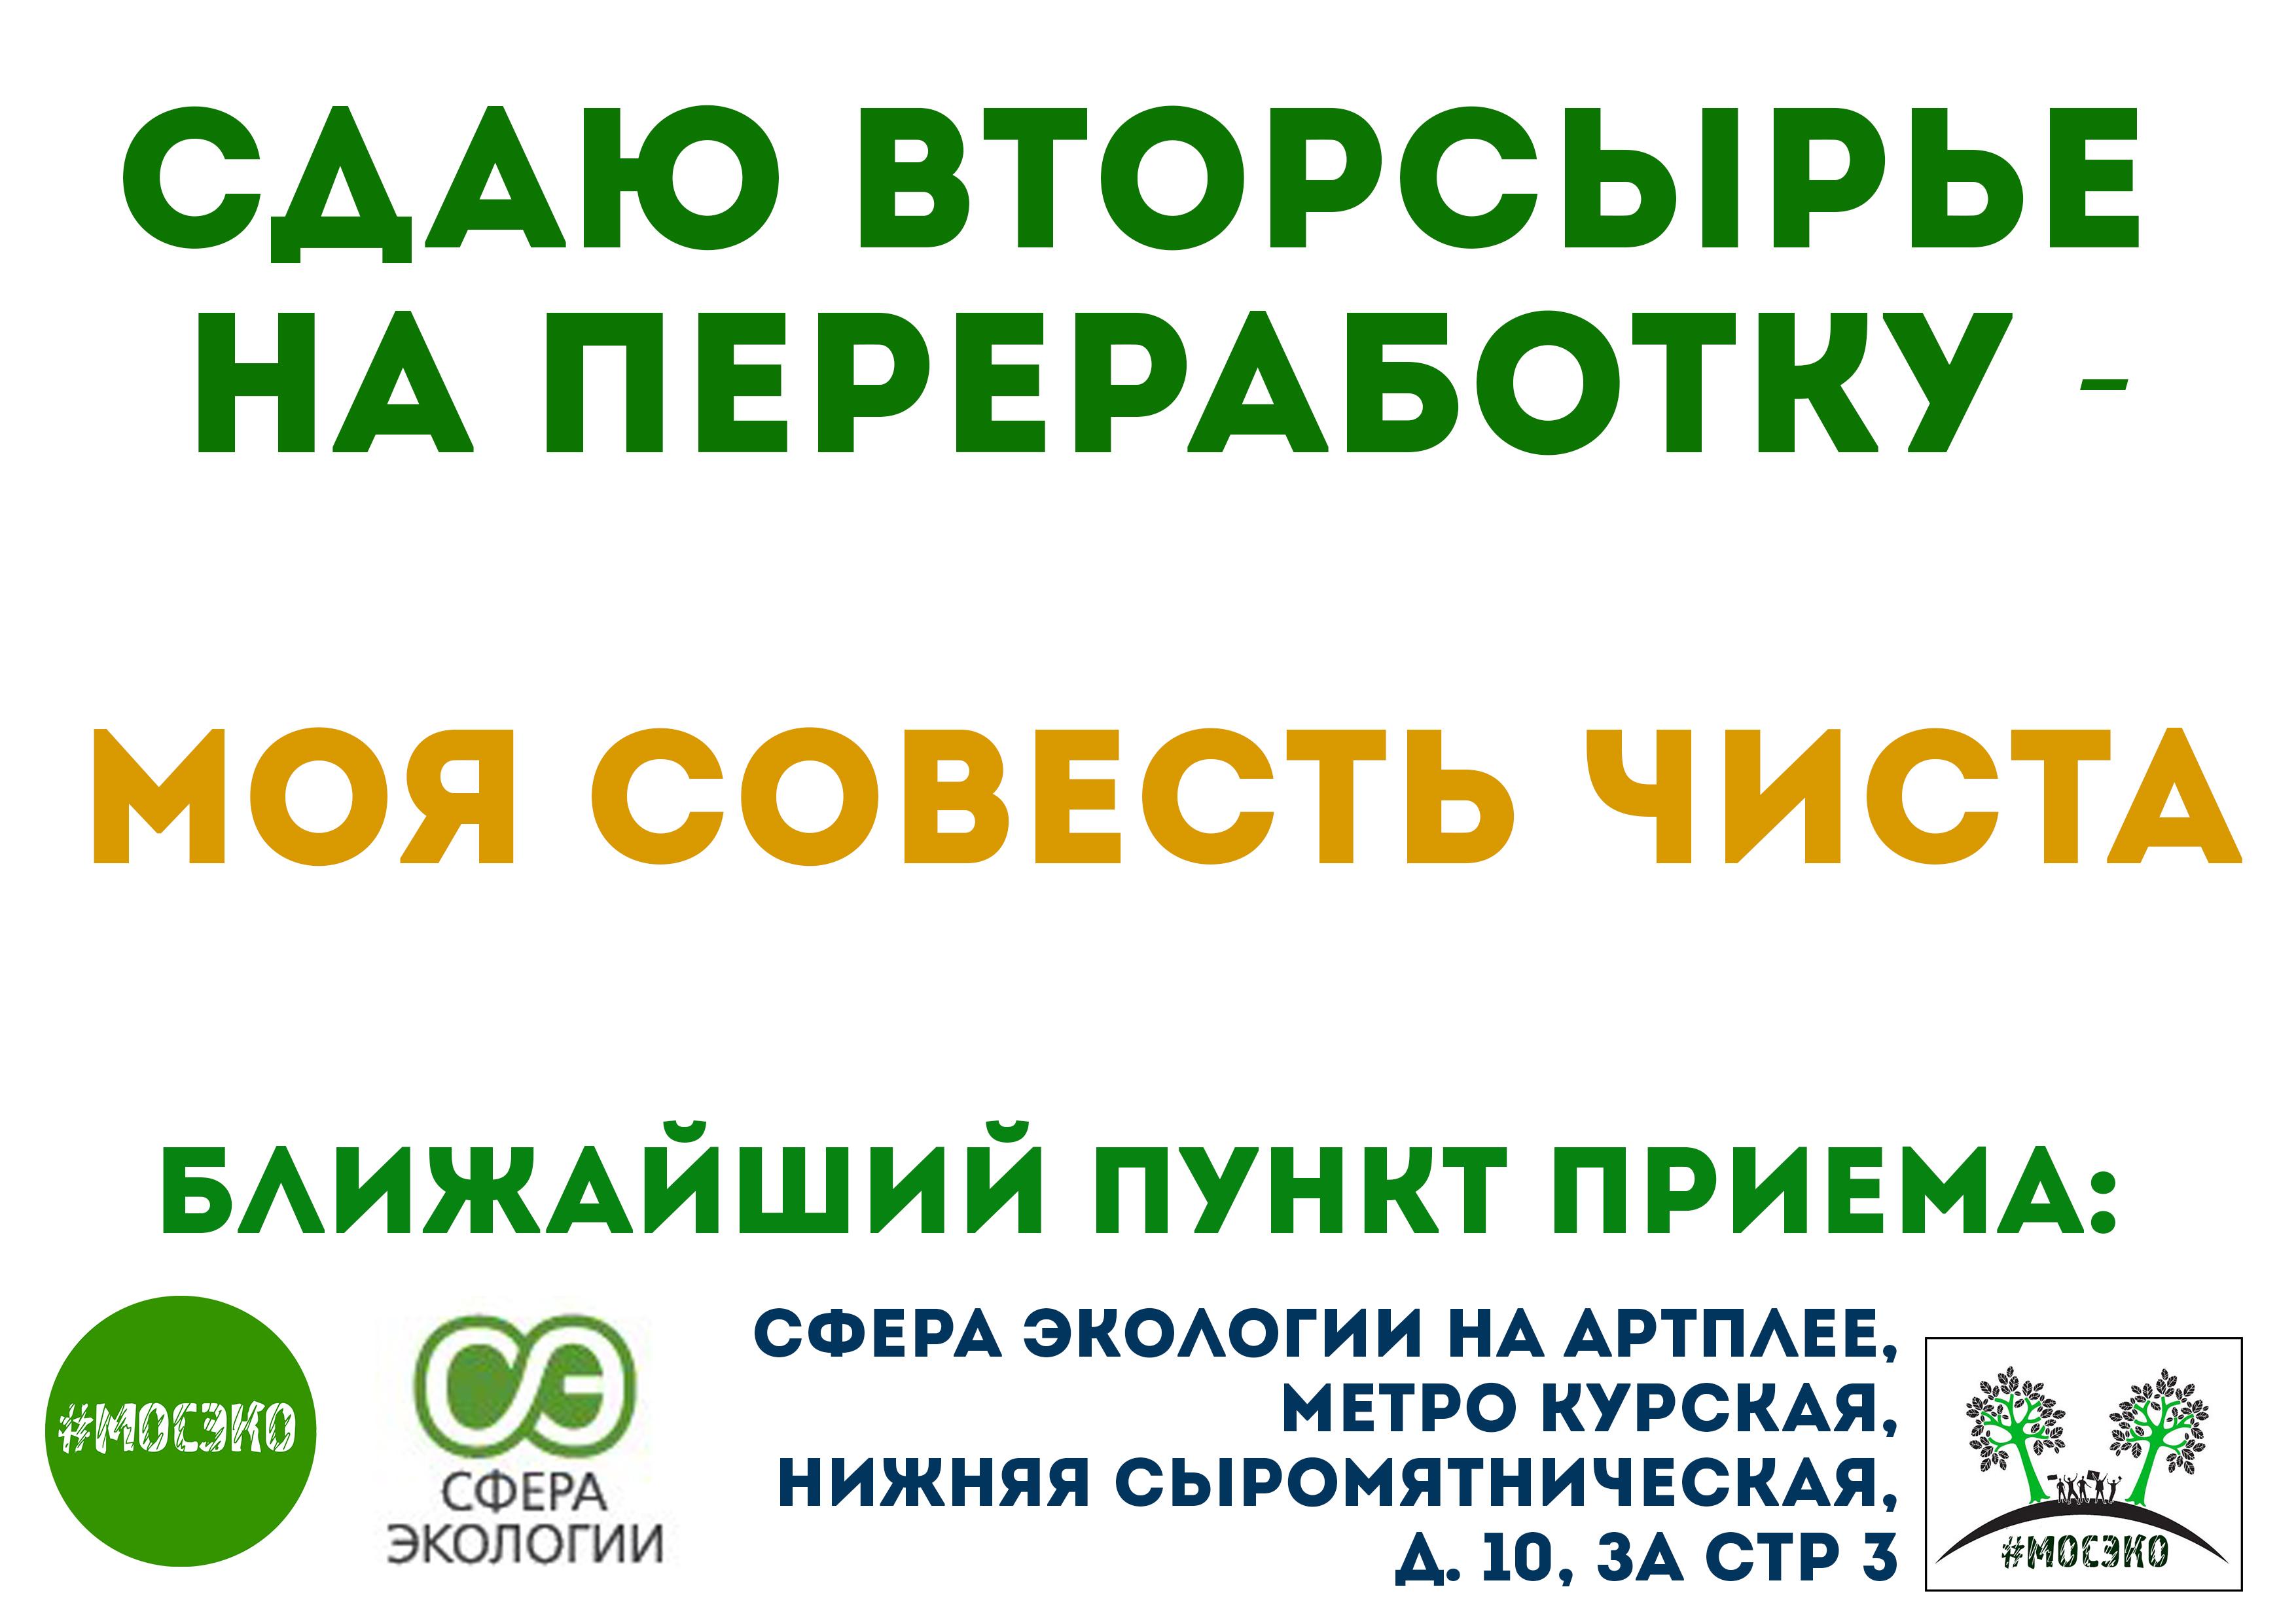 Slogans1_full_se